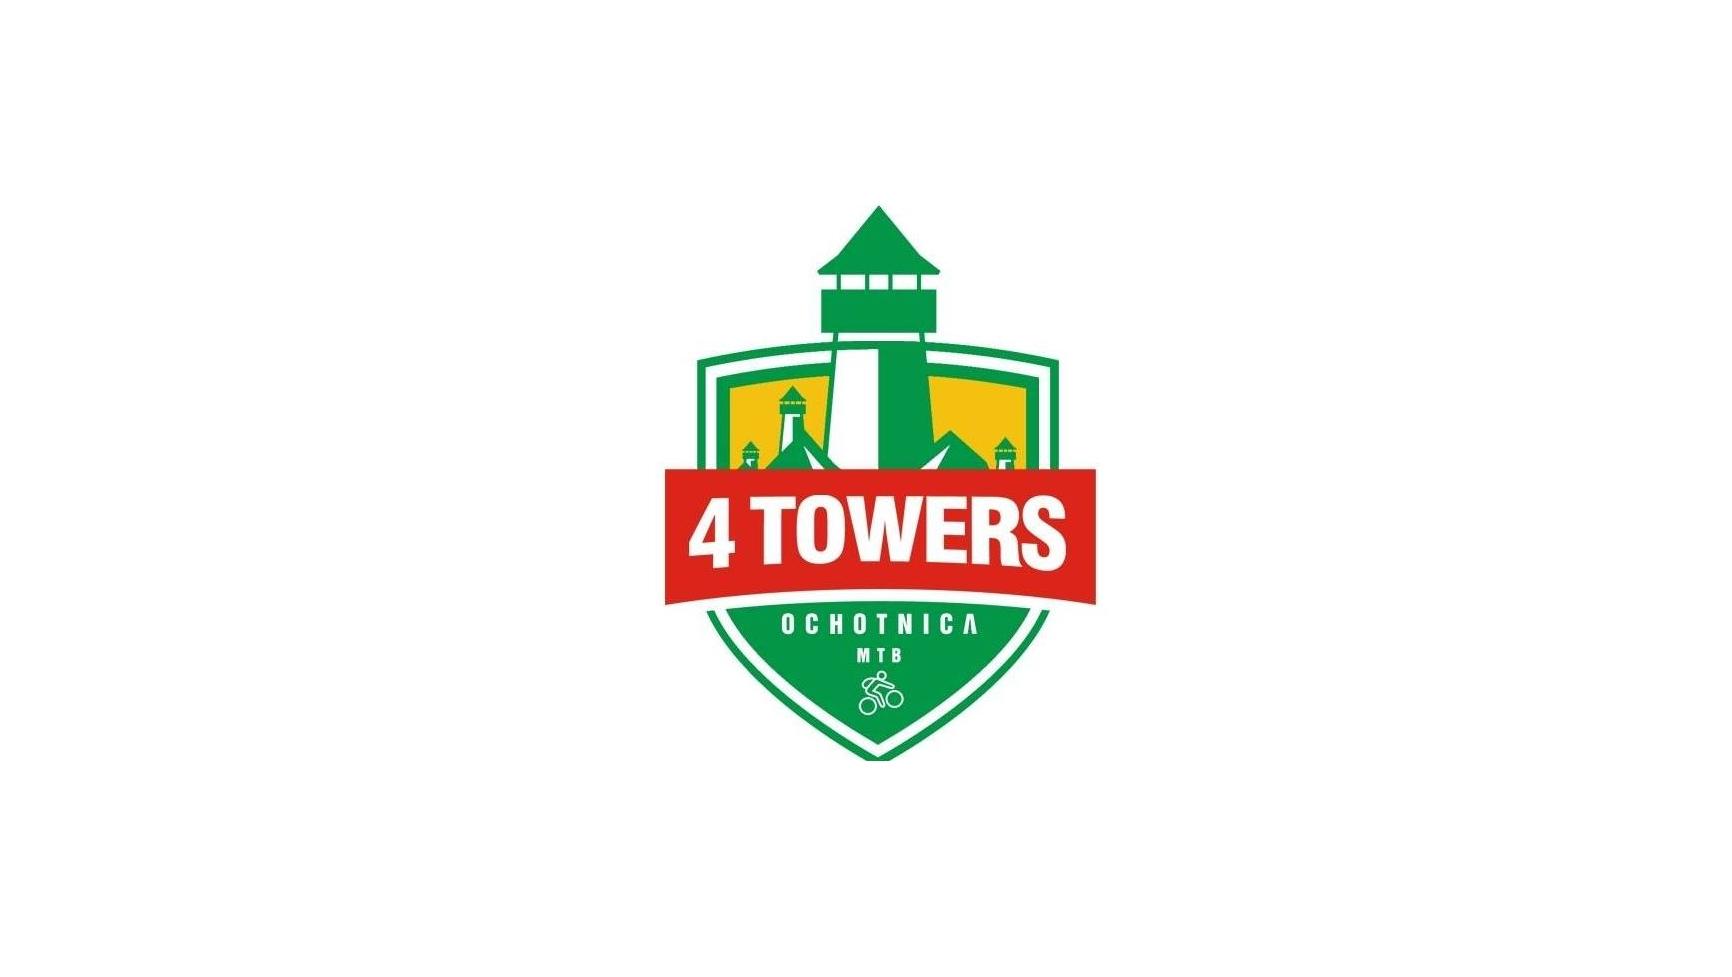 Nowa etapówka Ochotnica MTB 4 Towers